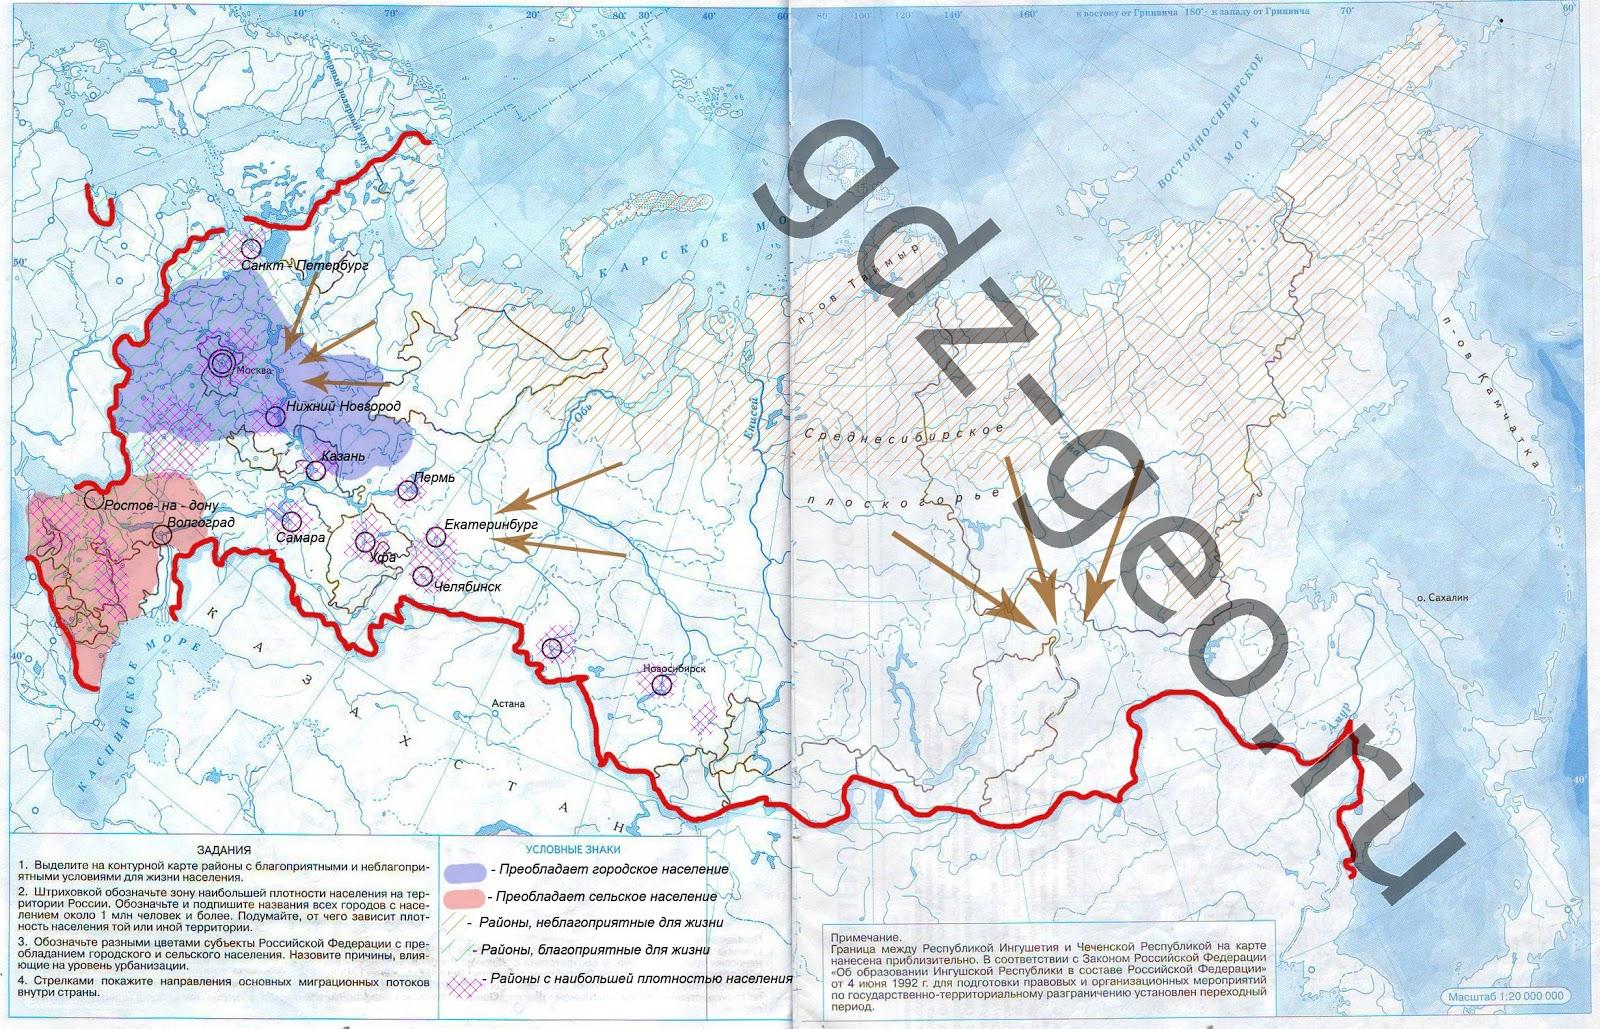 Гдз по географии 10 класс контурная карта